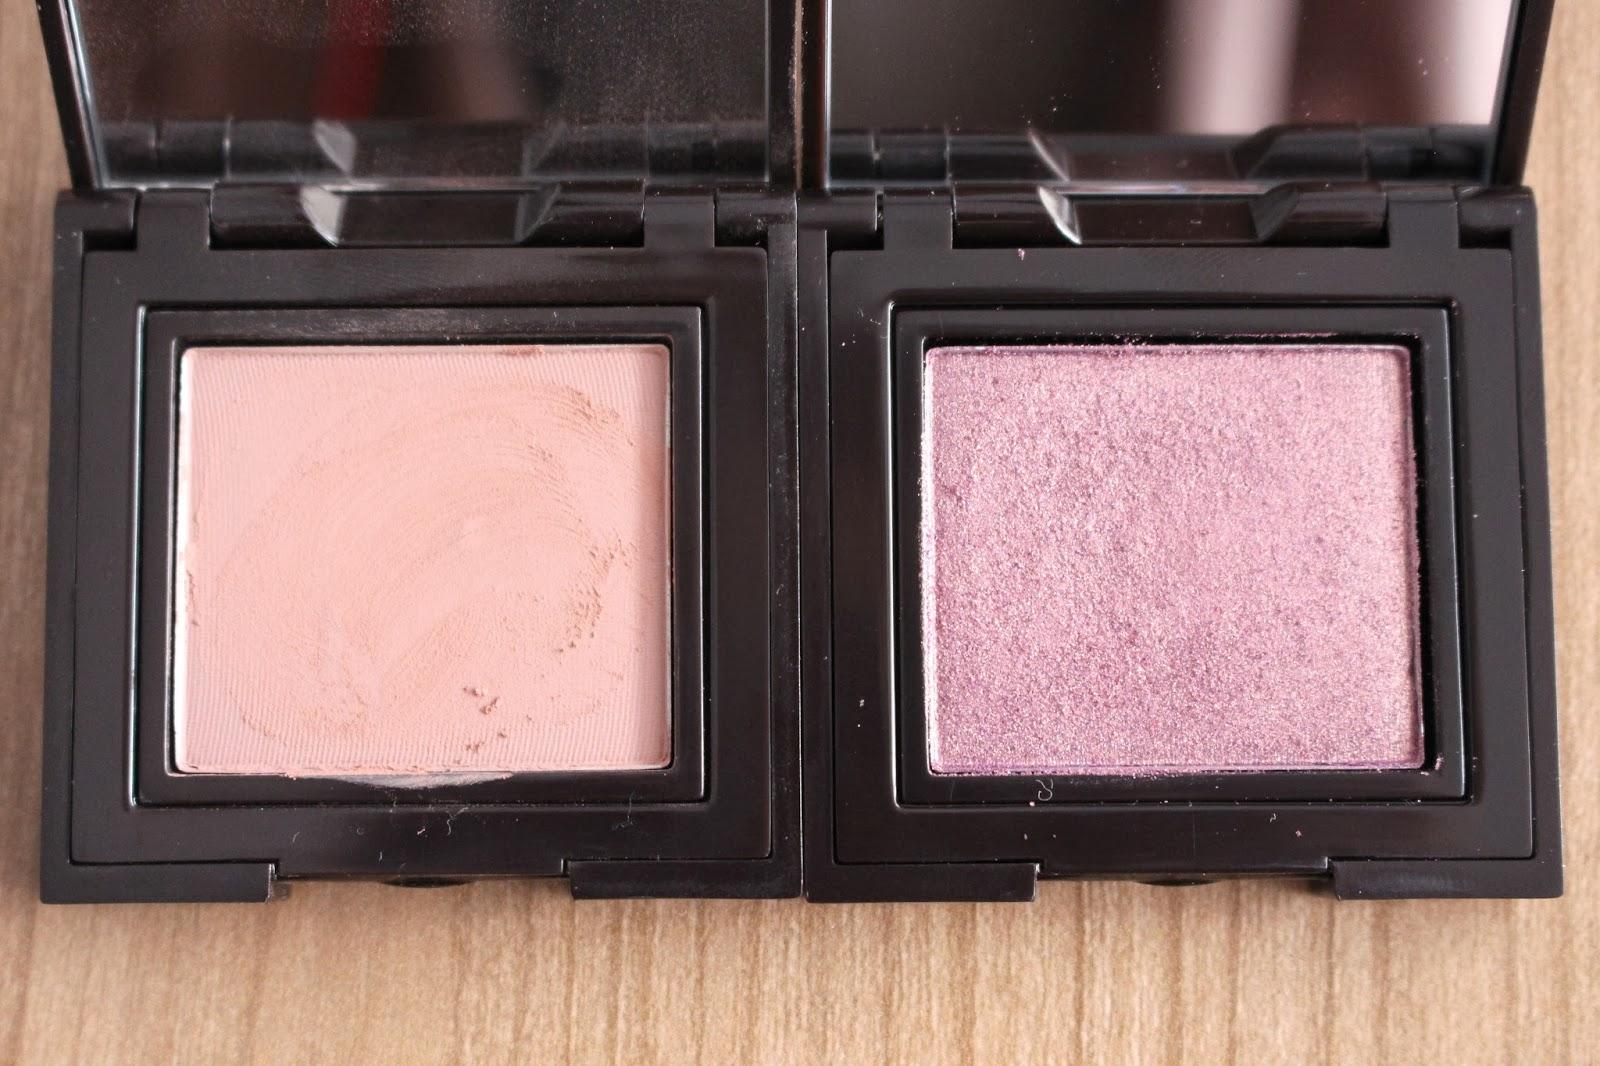 new-in-dior-laura-mercier-smashbox-makeup-8